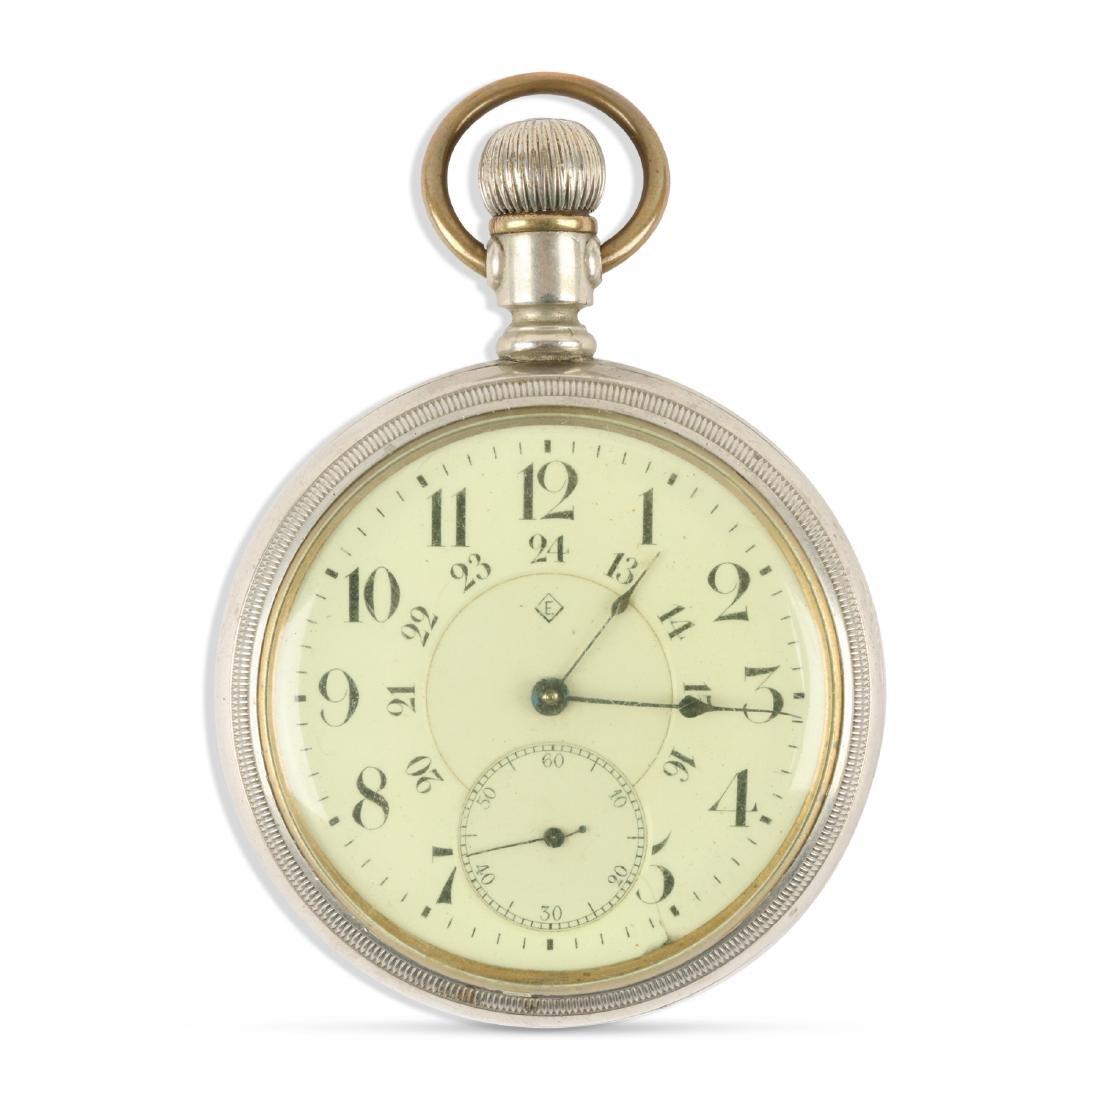 T. Eaton, 23-Jewel Pocket Watch